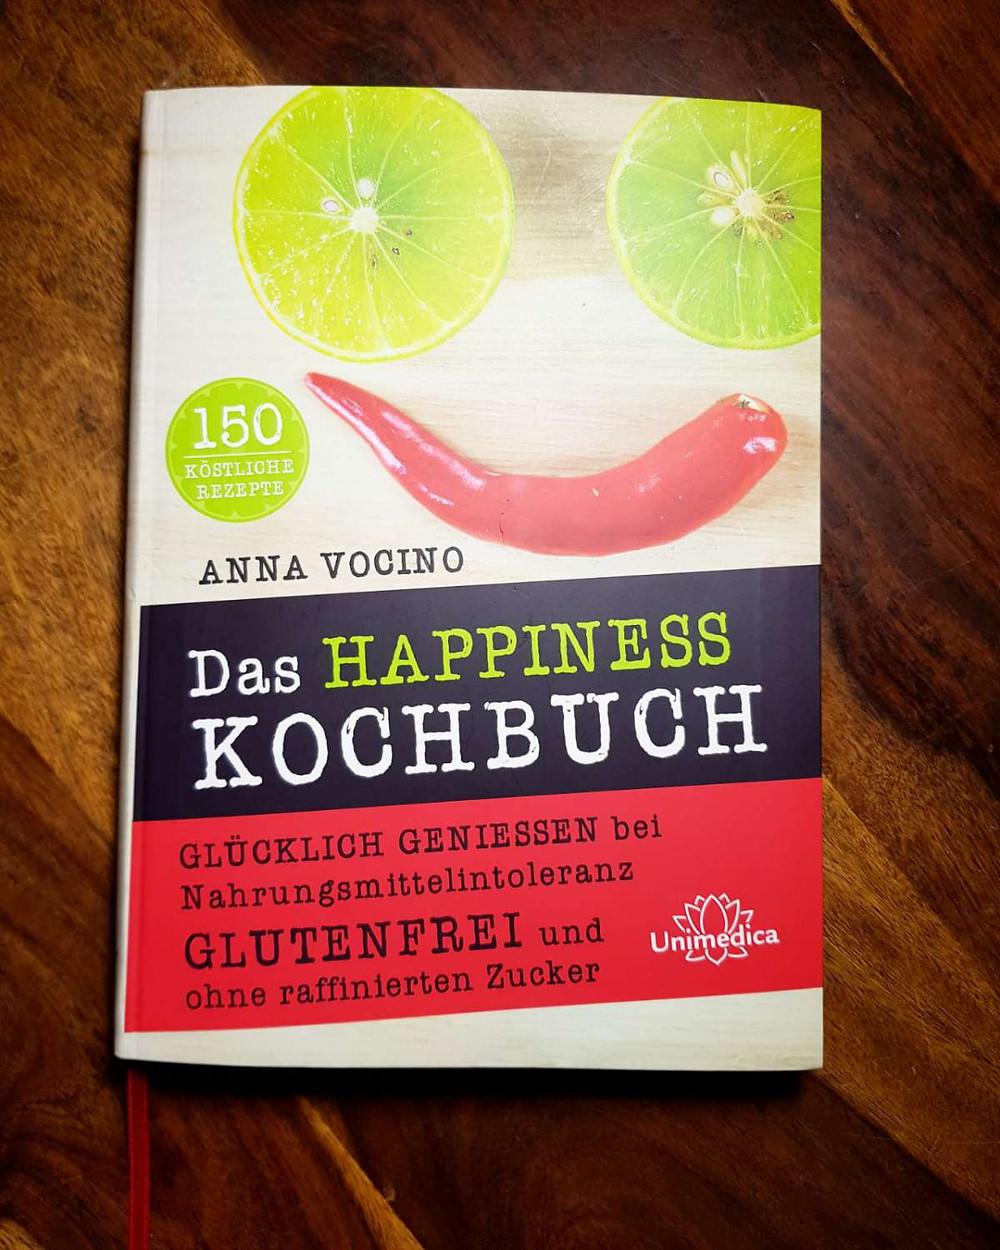 Das Happiness Kochbuch - Anna Vocino